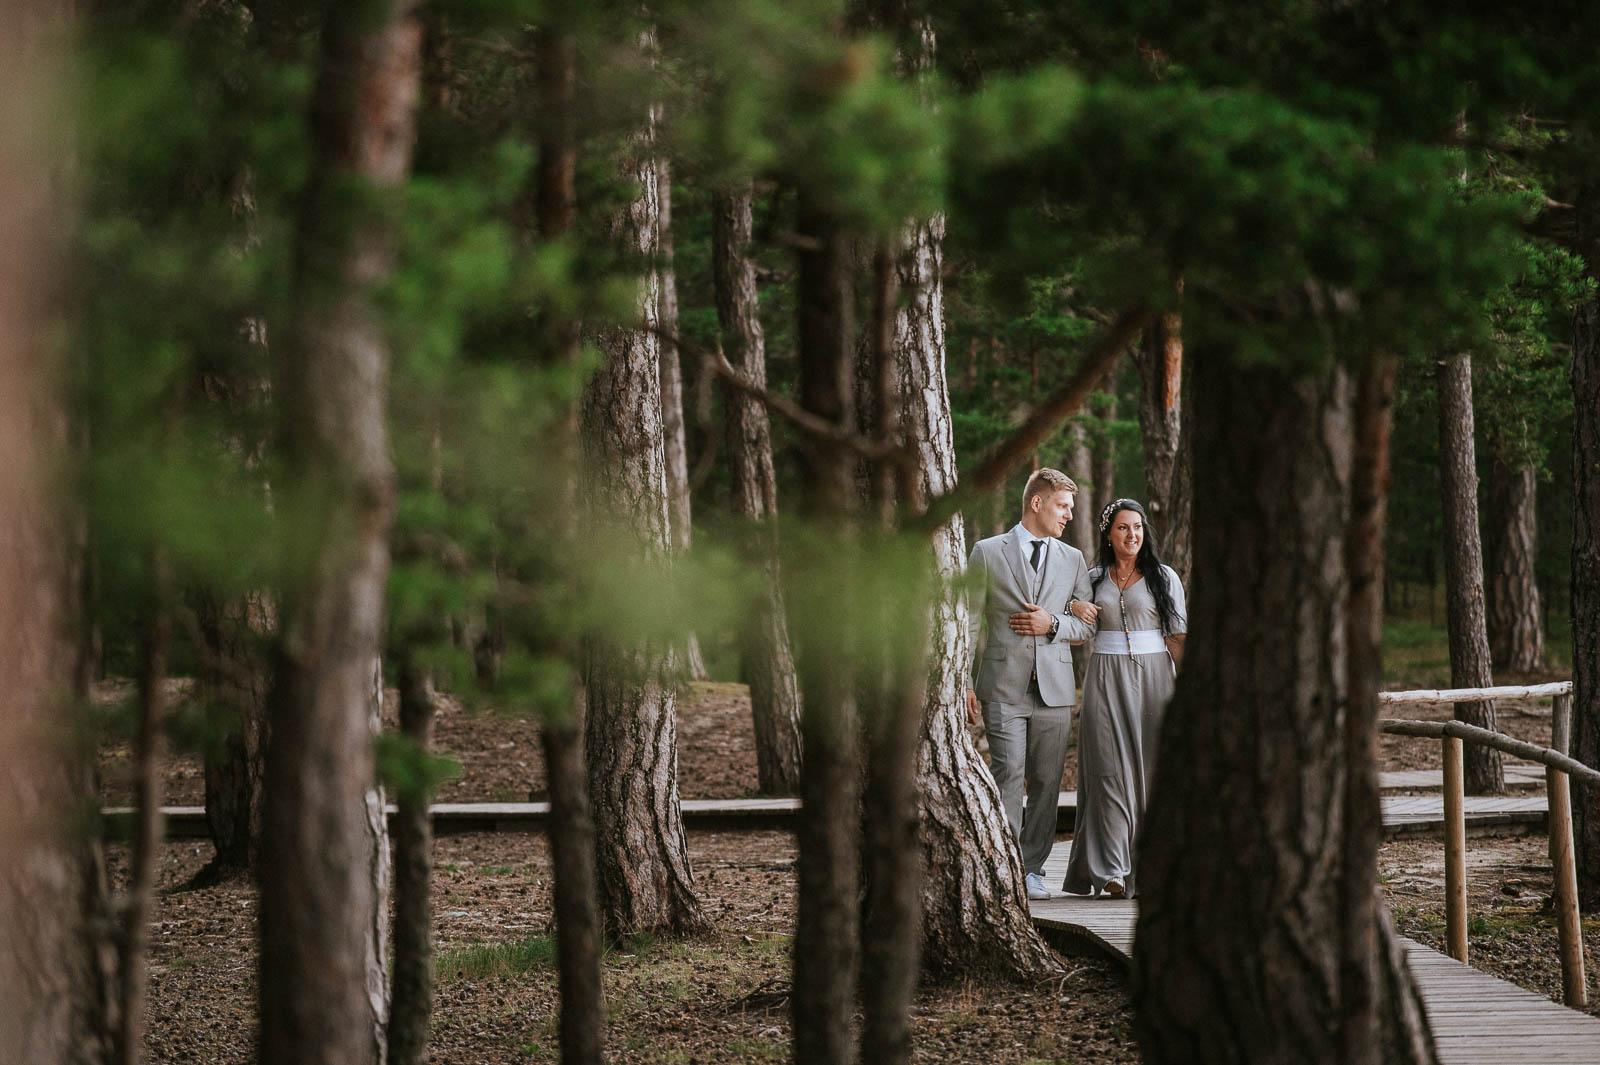 mari-liis-rannes-wedding-pulm-pulmafotograaf-mait-juriado-29